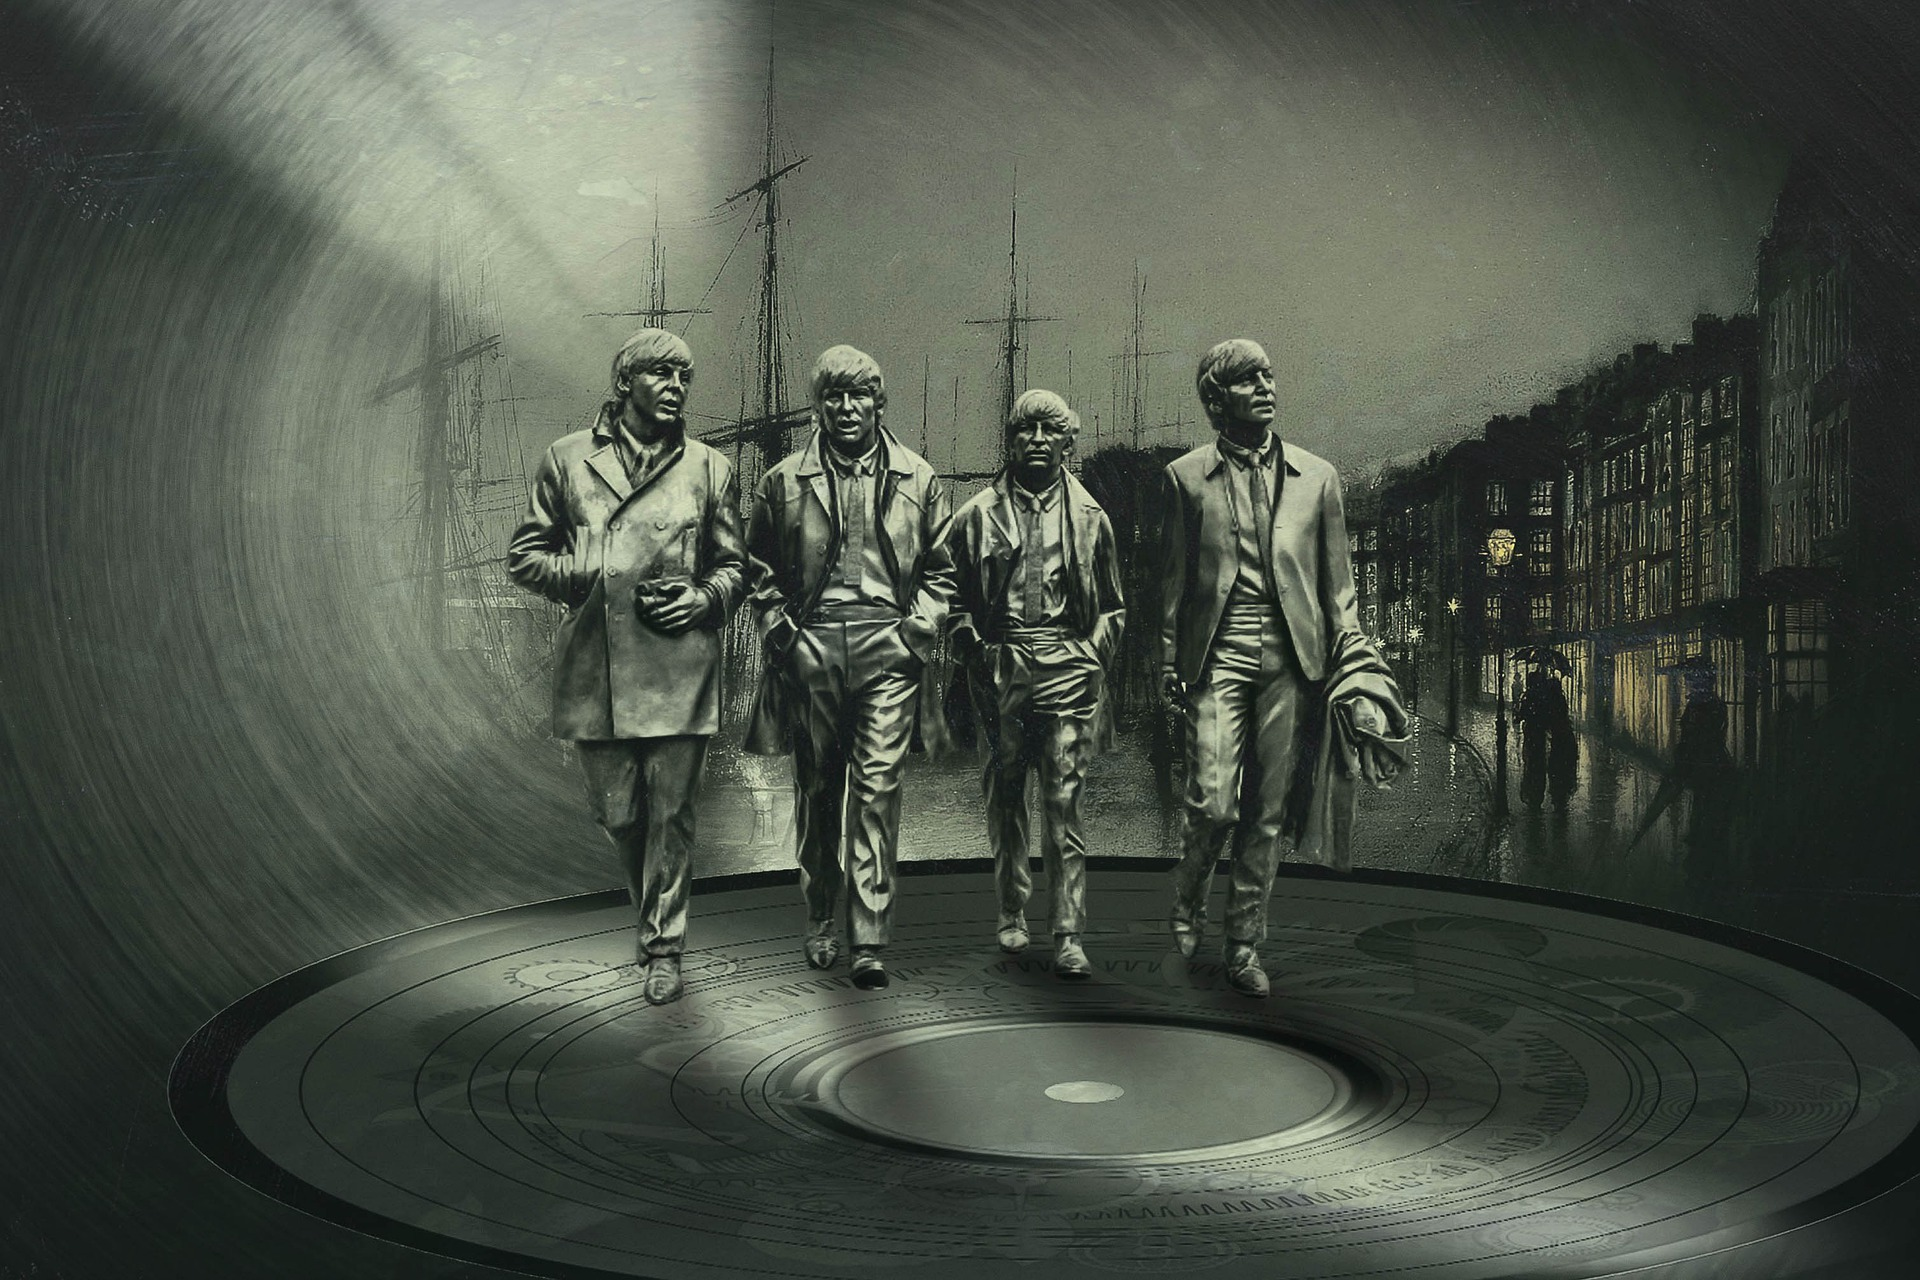 """Efsanevi İngiliz Müzik Grubu """"The Beatles"""" Hakkında Bilgiler"""